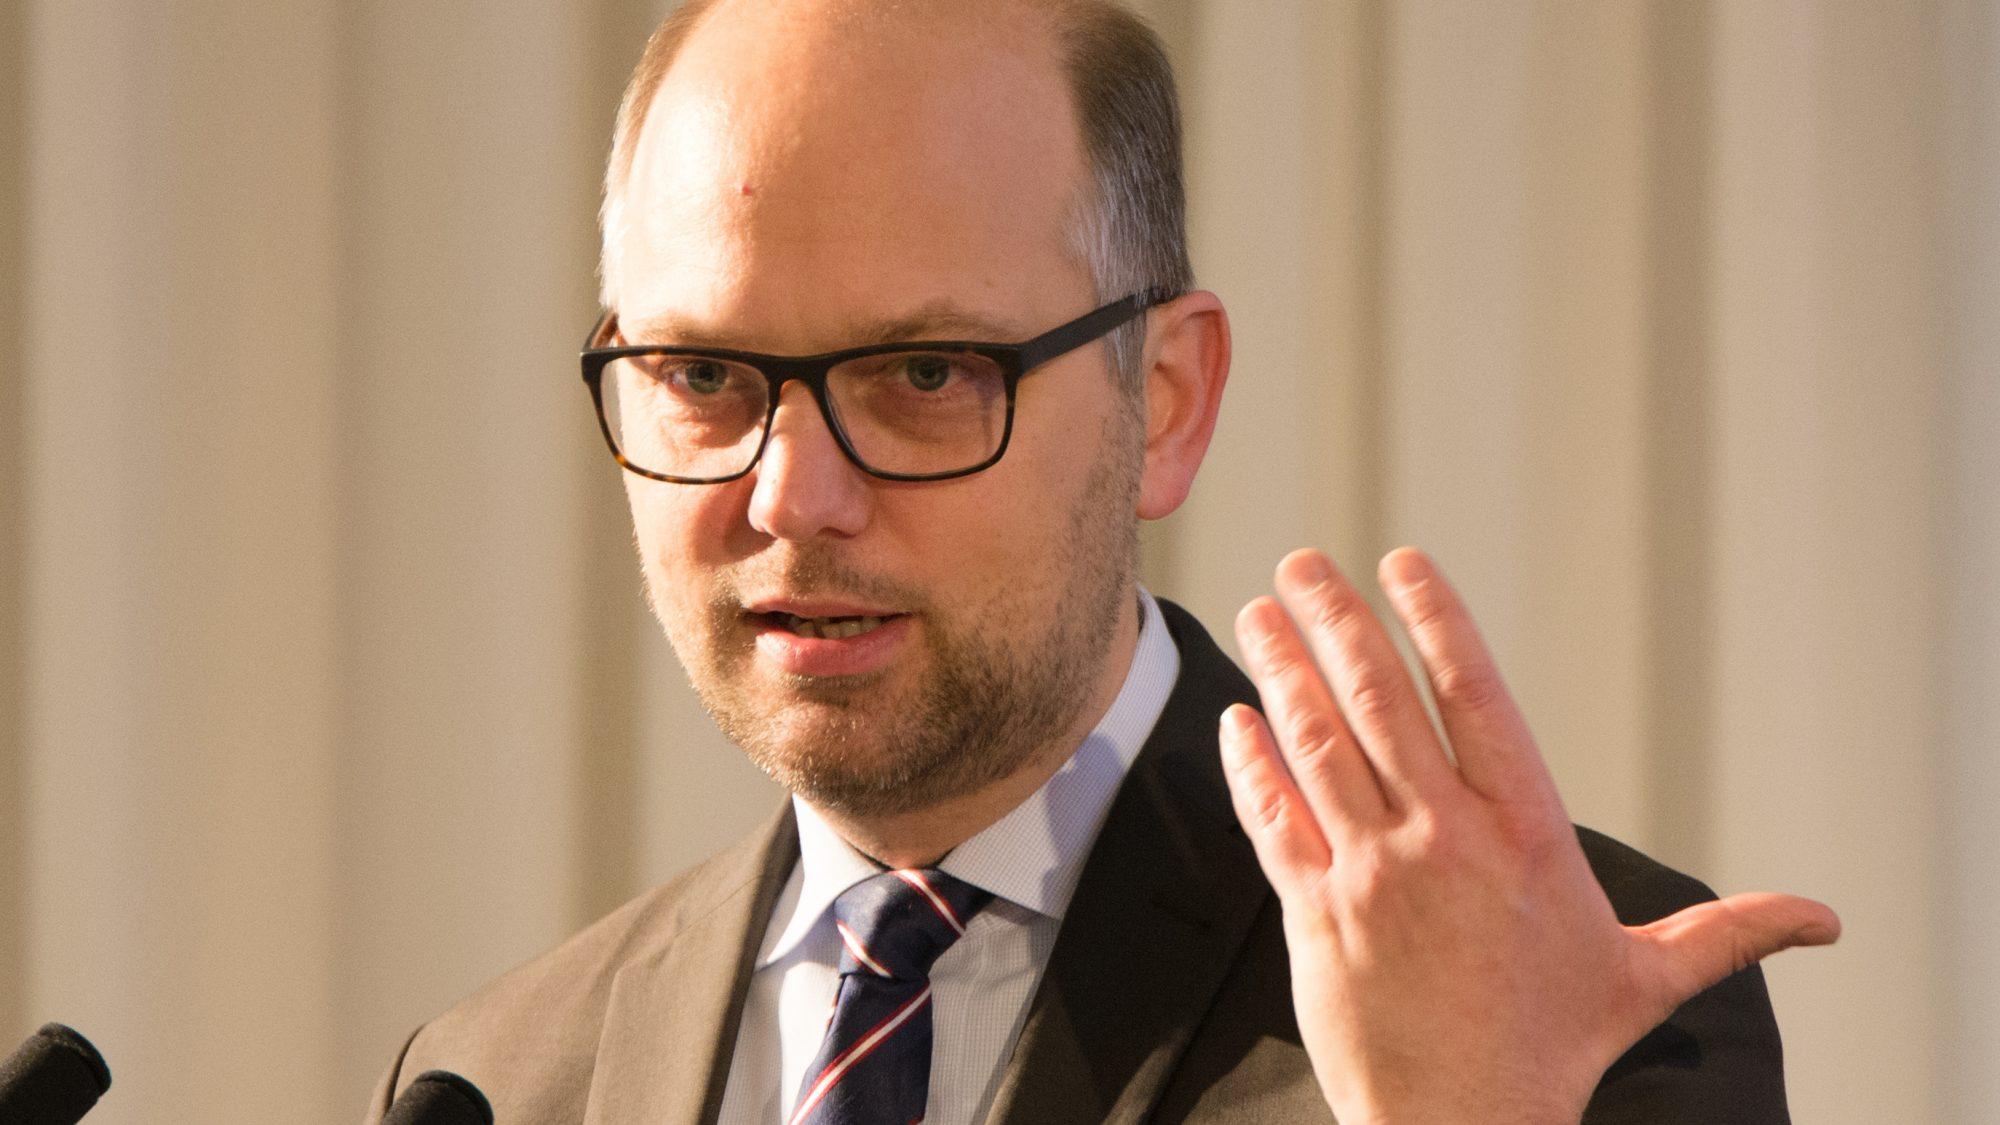 Bei der Tagung der Deutschen Sektion der Internationalen Juristenkommission habe ich ein Grußwort zum Rechtsstaat gehalten.